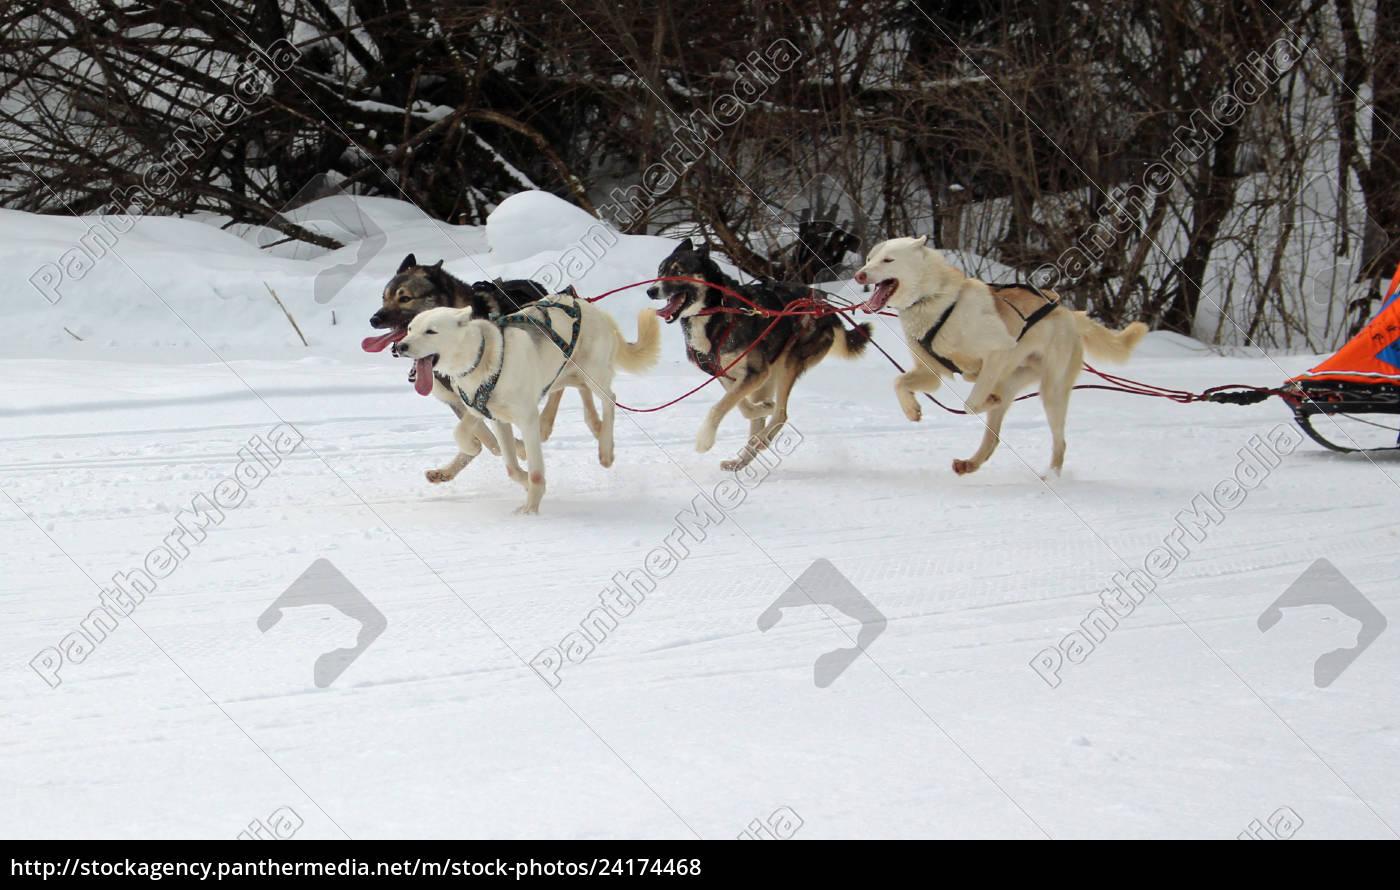 hund, , schlittenhunde, , husky, , polarhunde, , rennen, , schlittenhunderennen, - 24174468